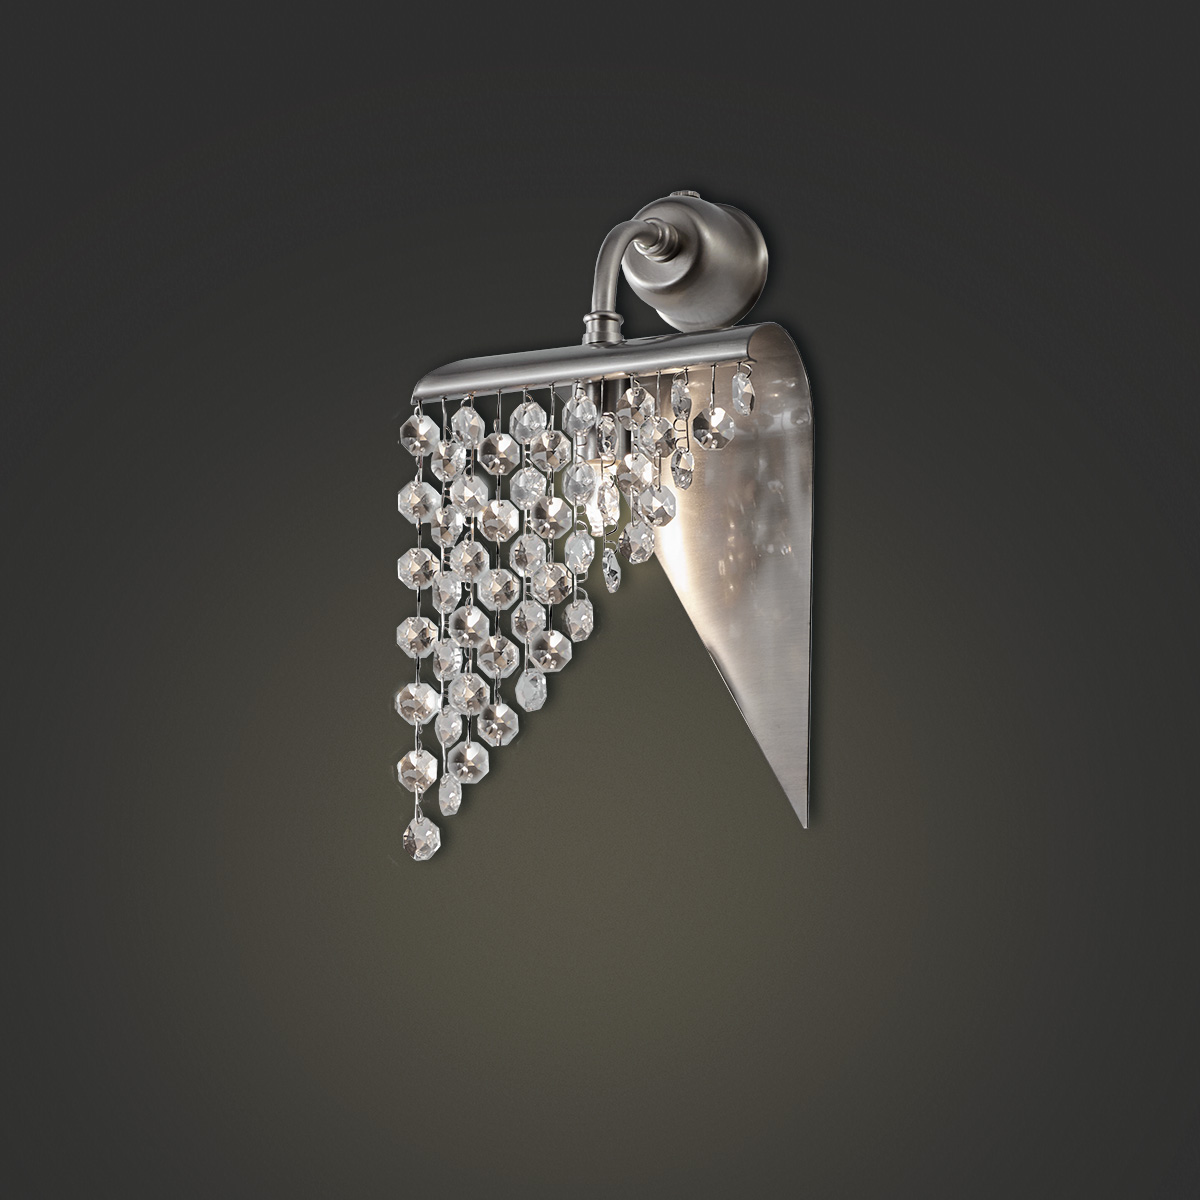 Μοντέρνα απλίκα με κρύσταλλα ΕΡΜΗΣ modern wall lamp with crystal accents